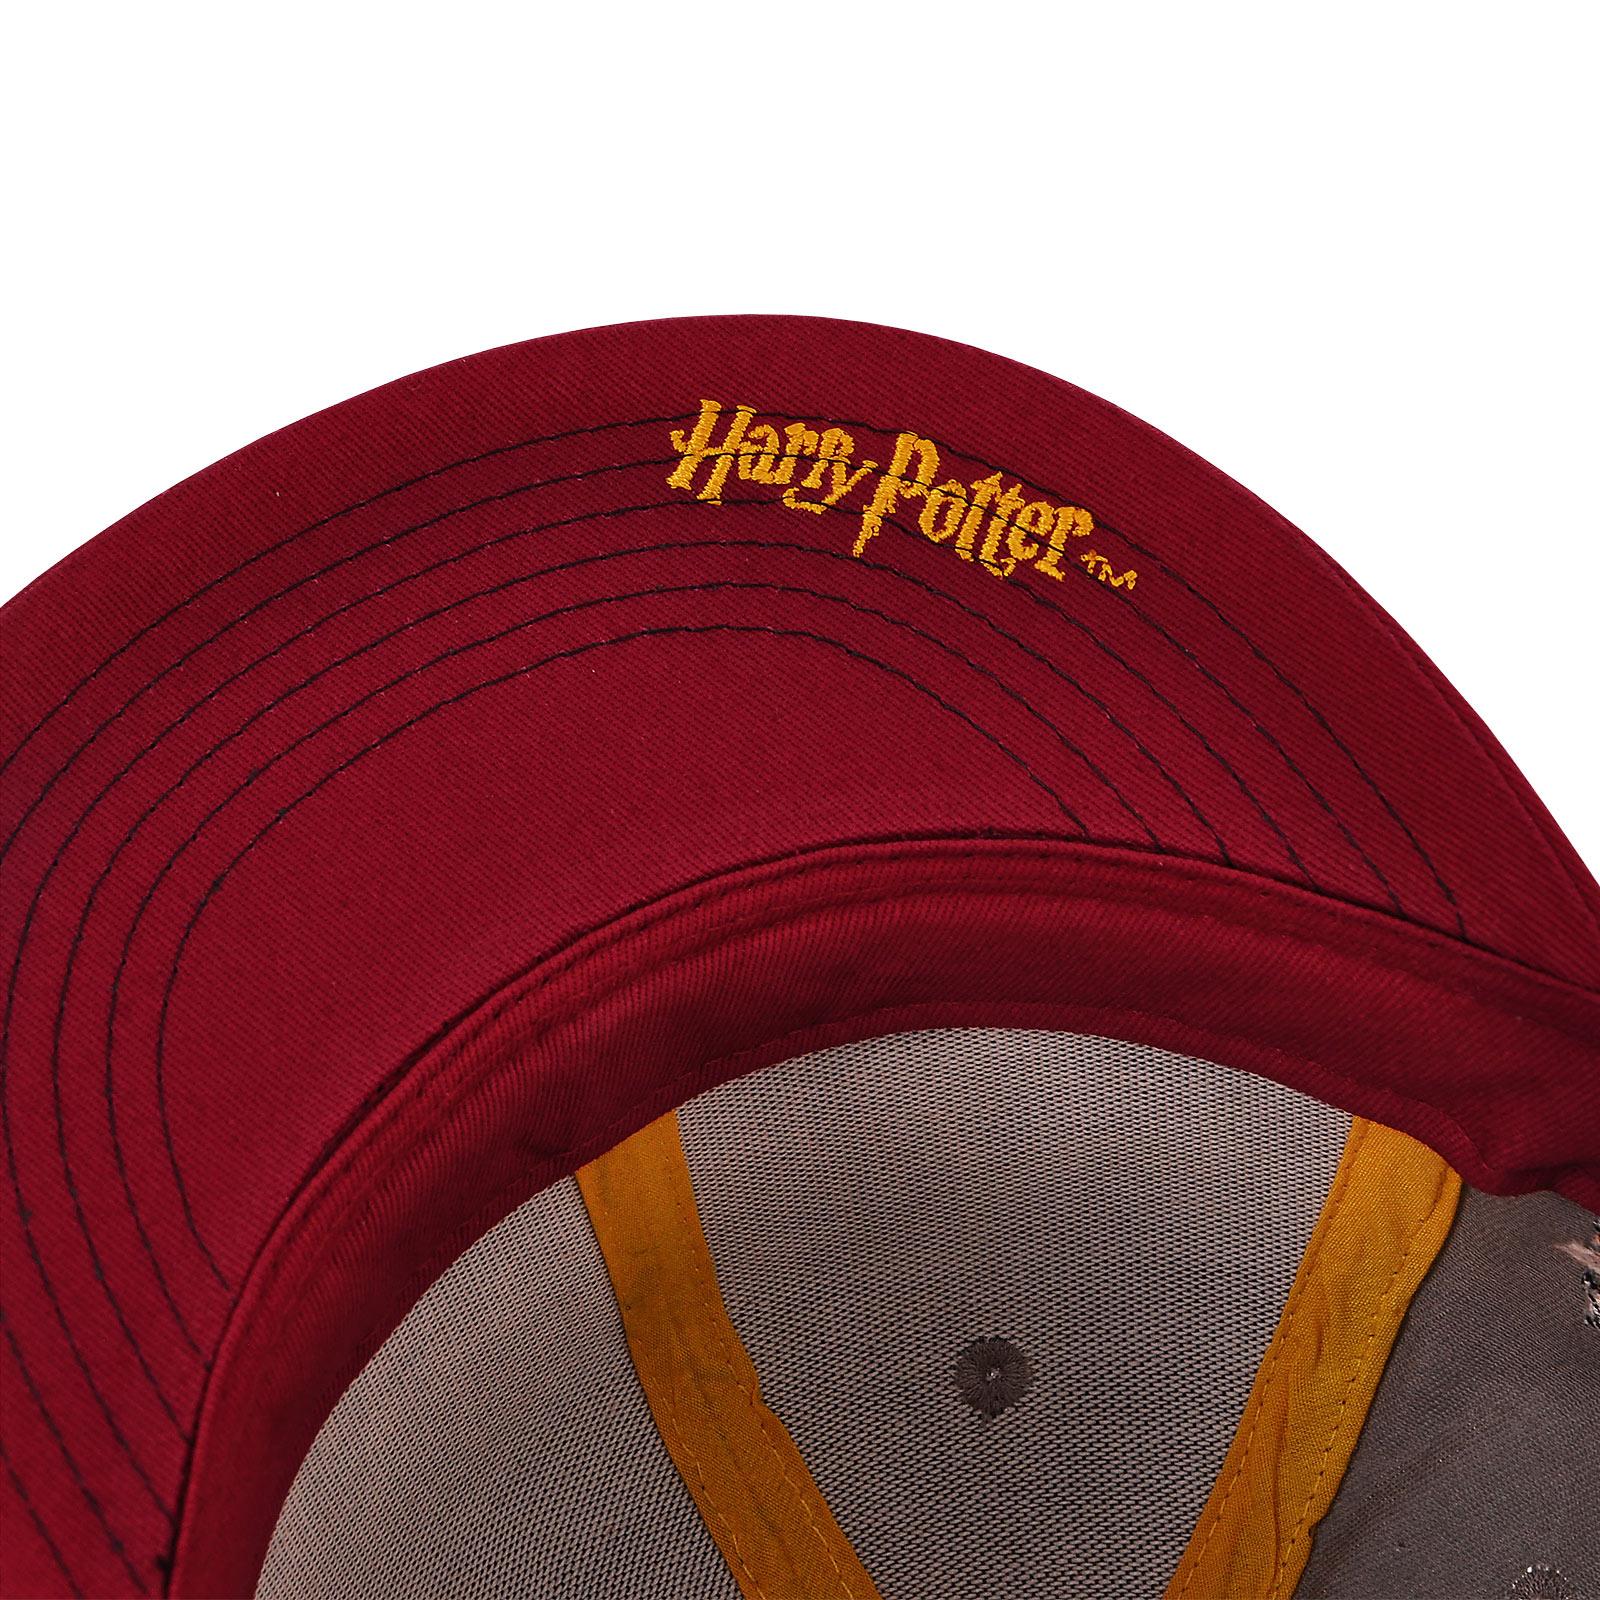 Harry Potter - Gryffindor College Snapback Cap